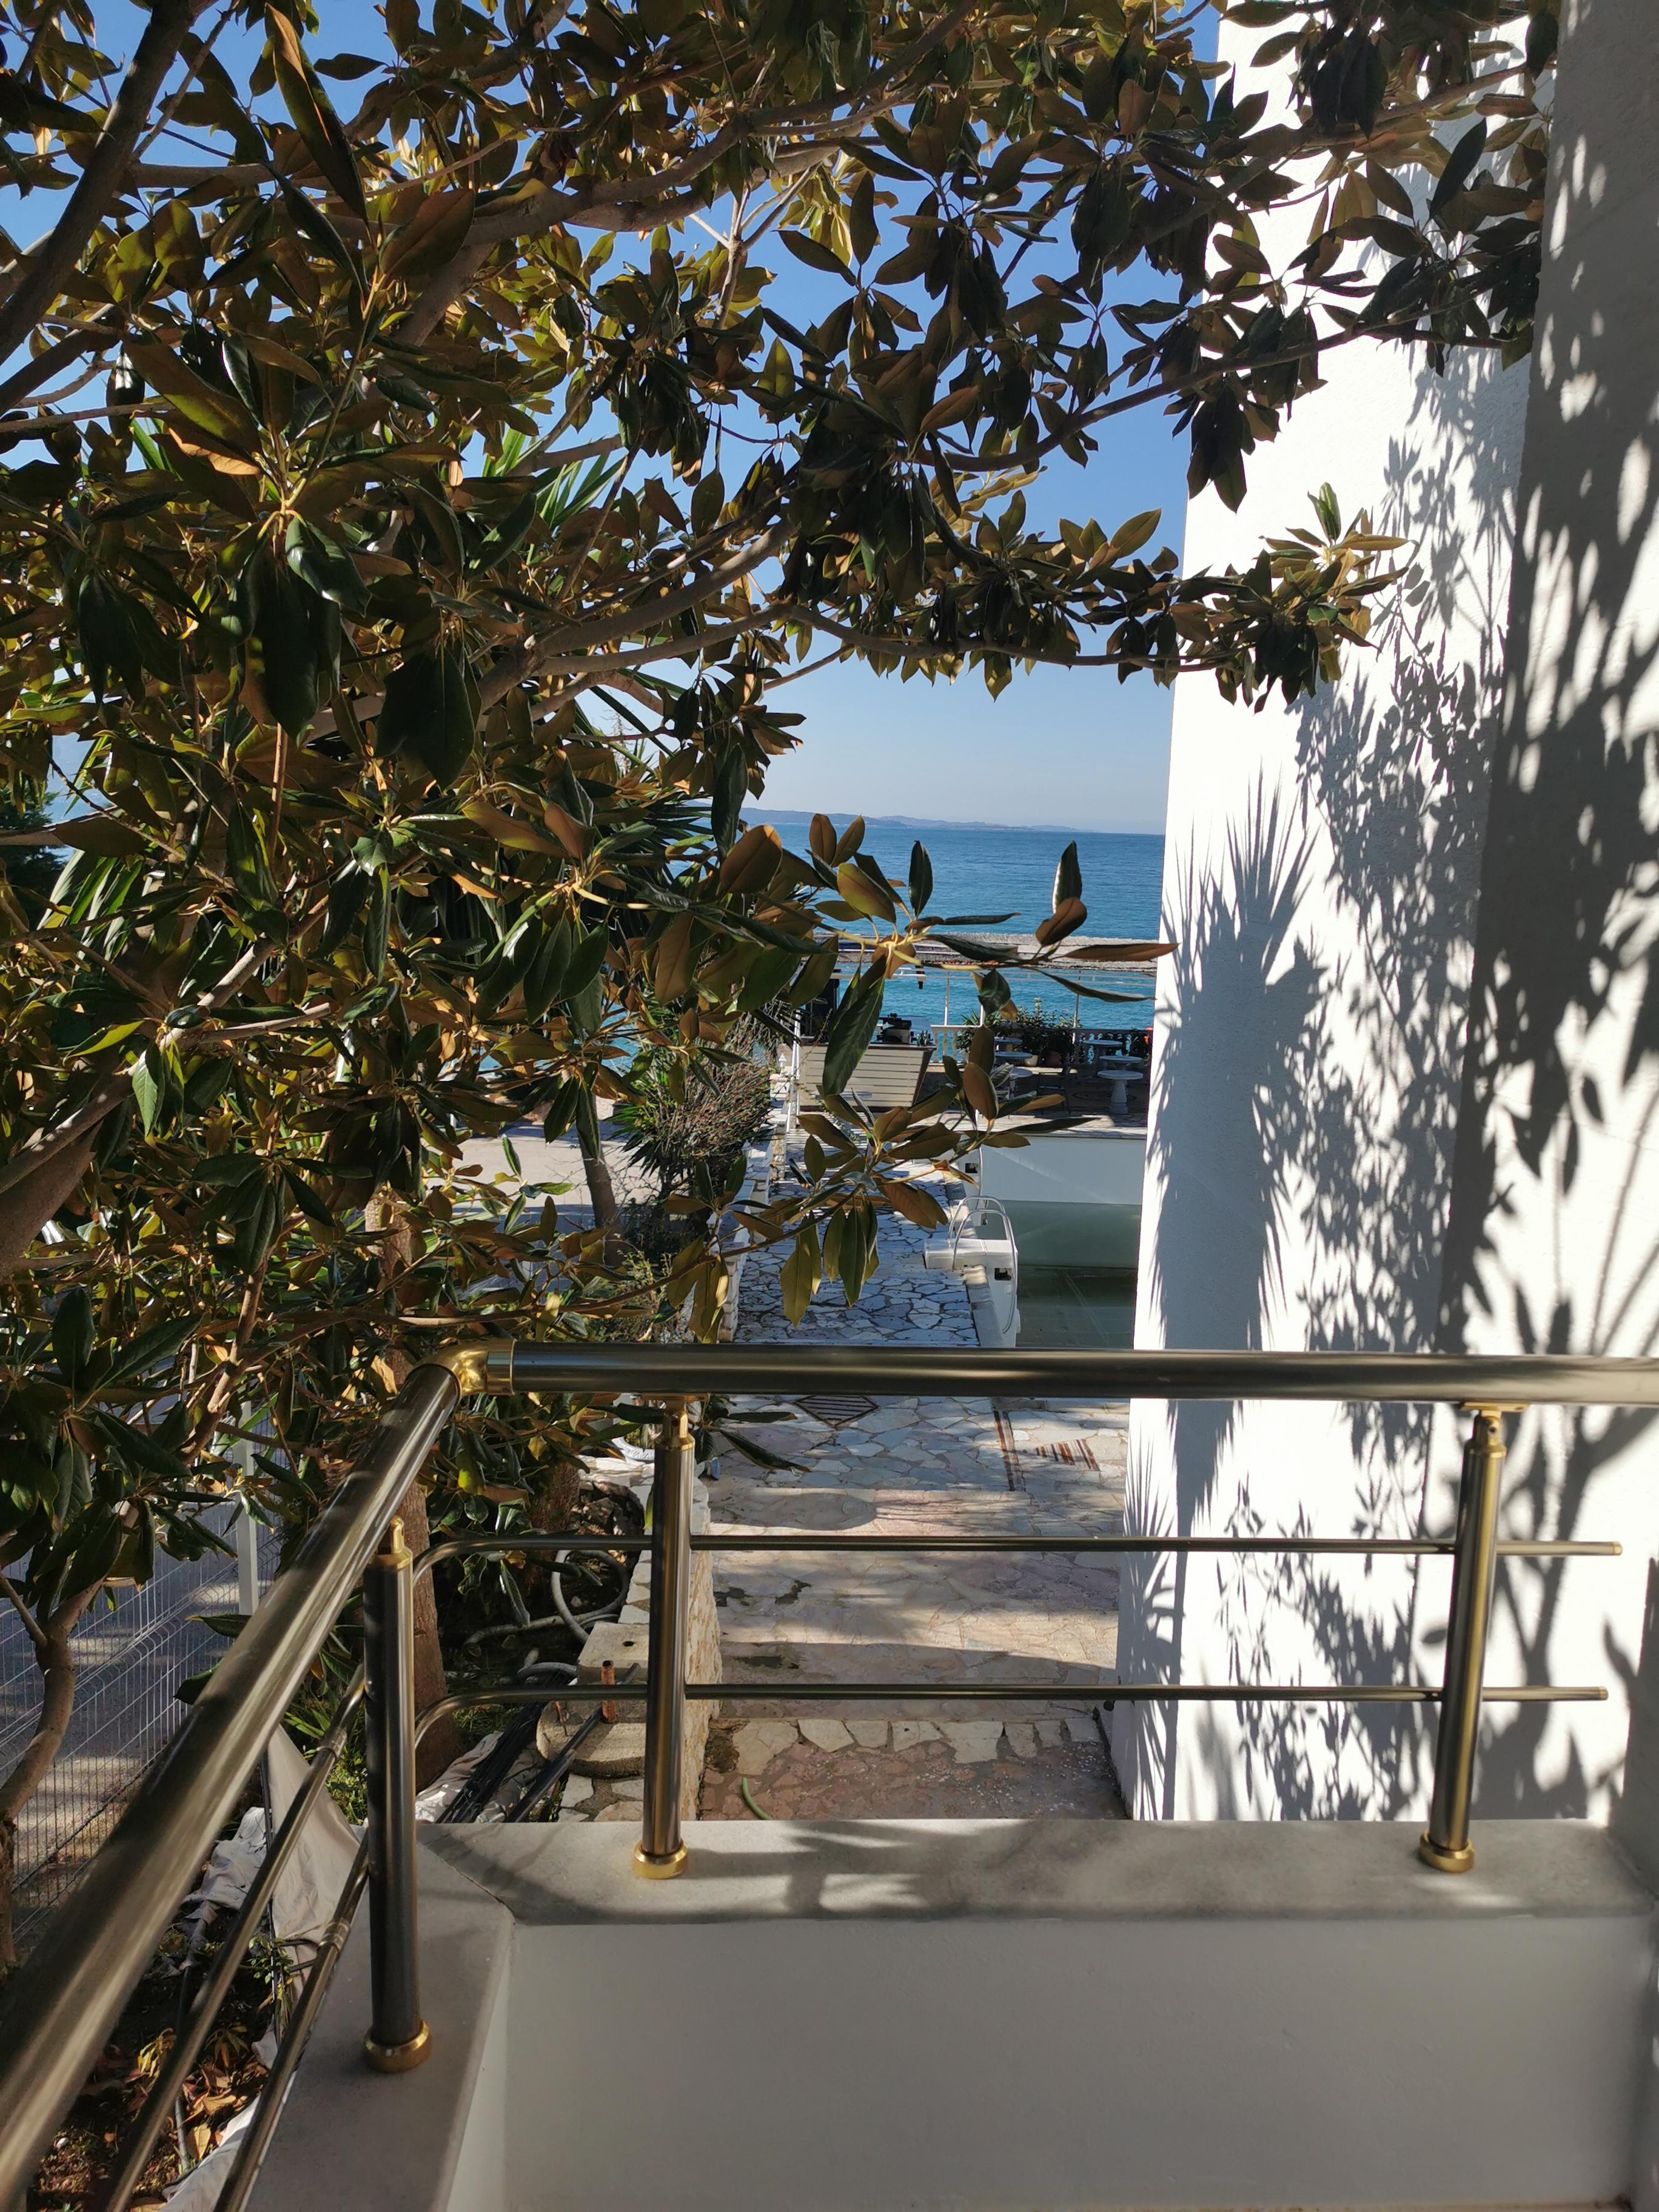 Letovanje Albanija hoteli, Saranda, autobus, Hotel Perla, pogled sa terase